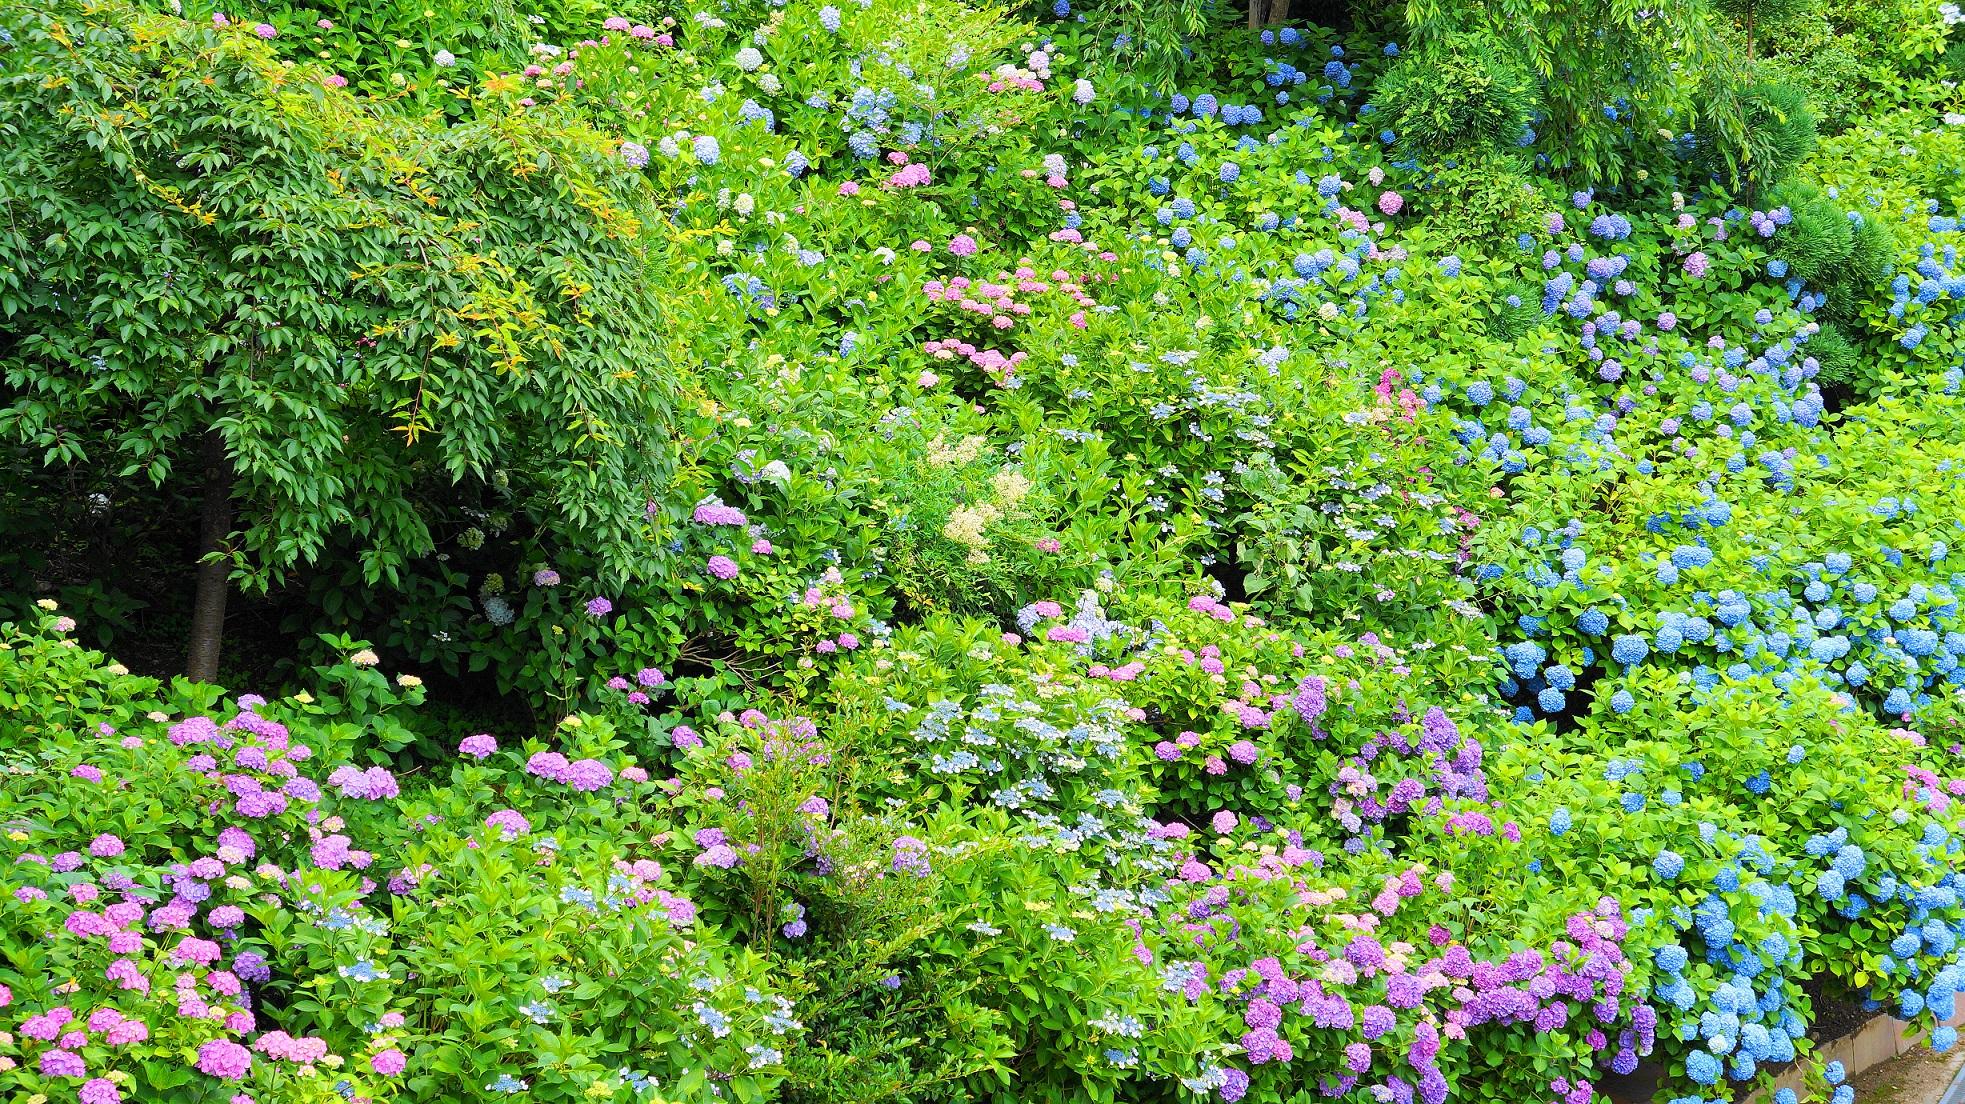 善峯寺の緑の中で華やぐ色とりどりの紫陽花